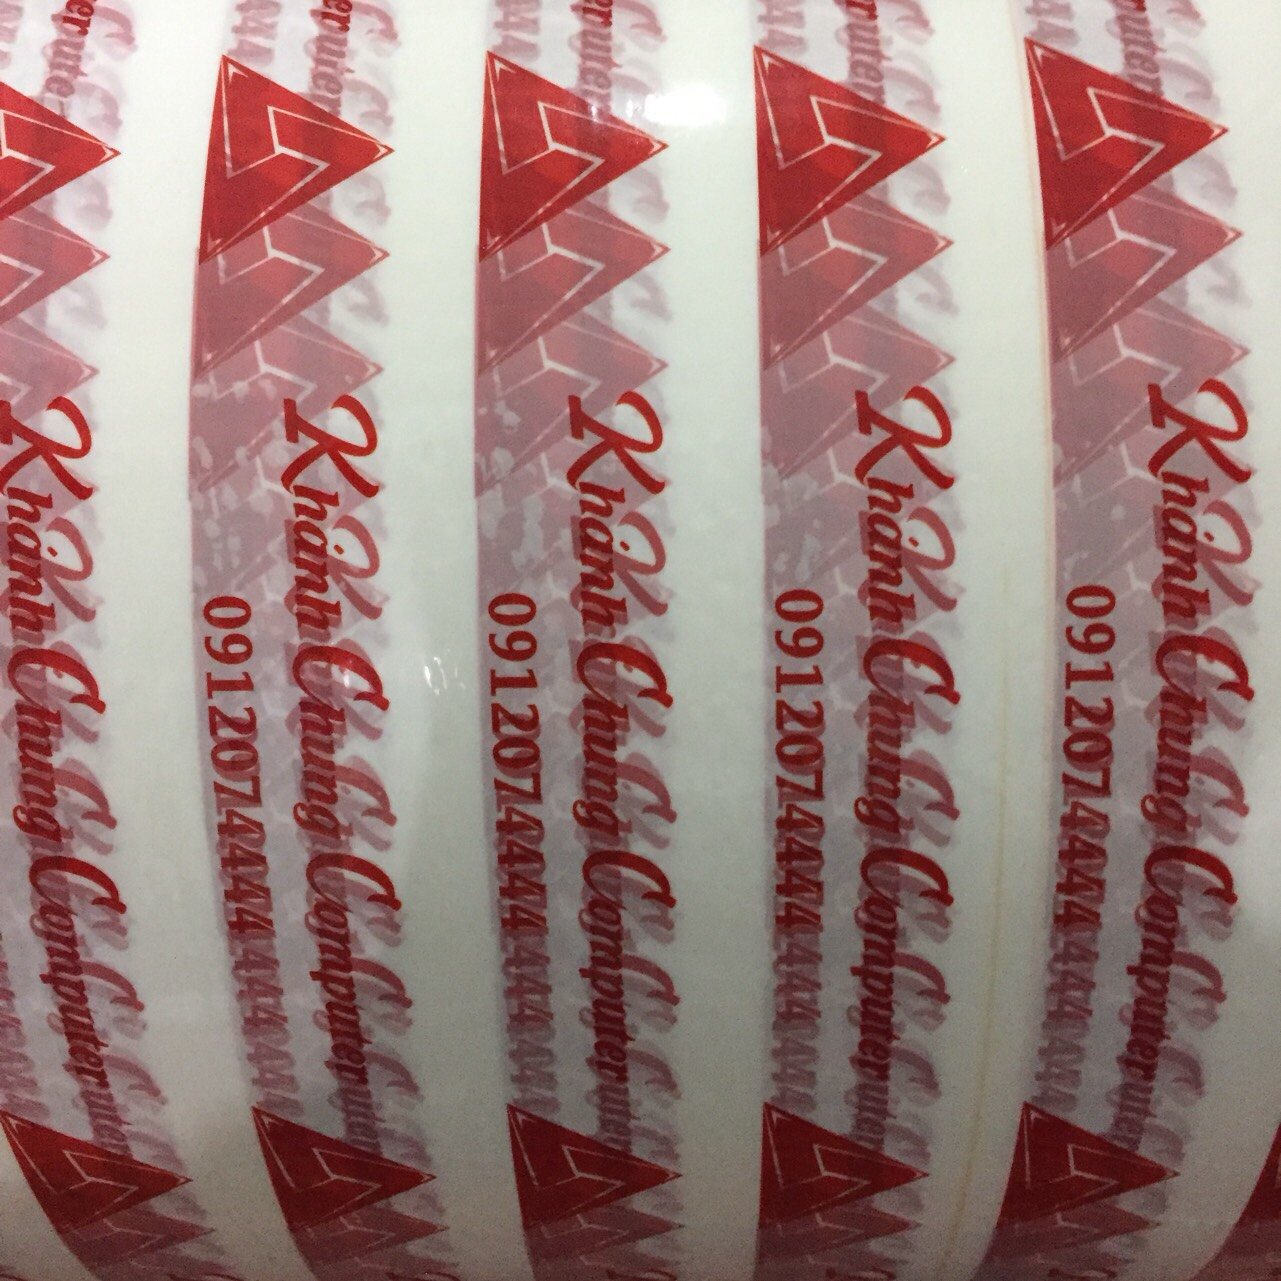 Băng keo in logo tại Minh Sơn | Nhà sản xuất Băng keo Minh Sơn